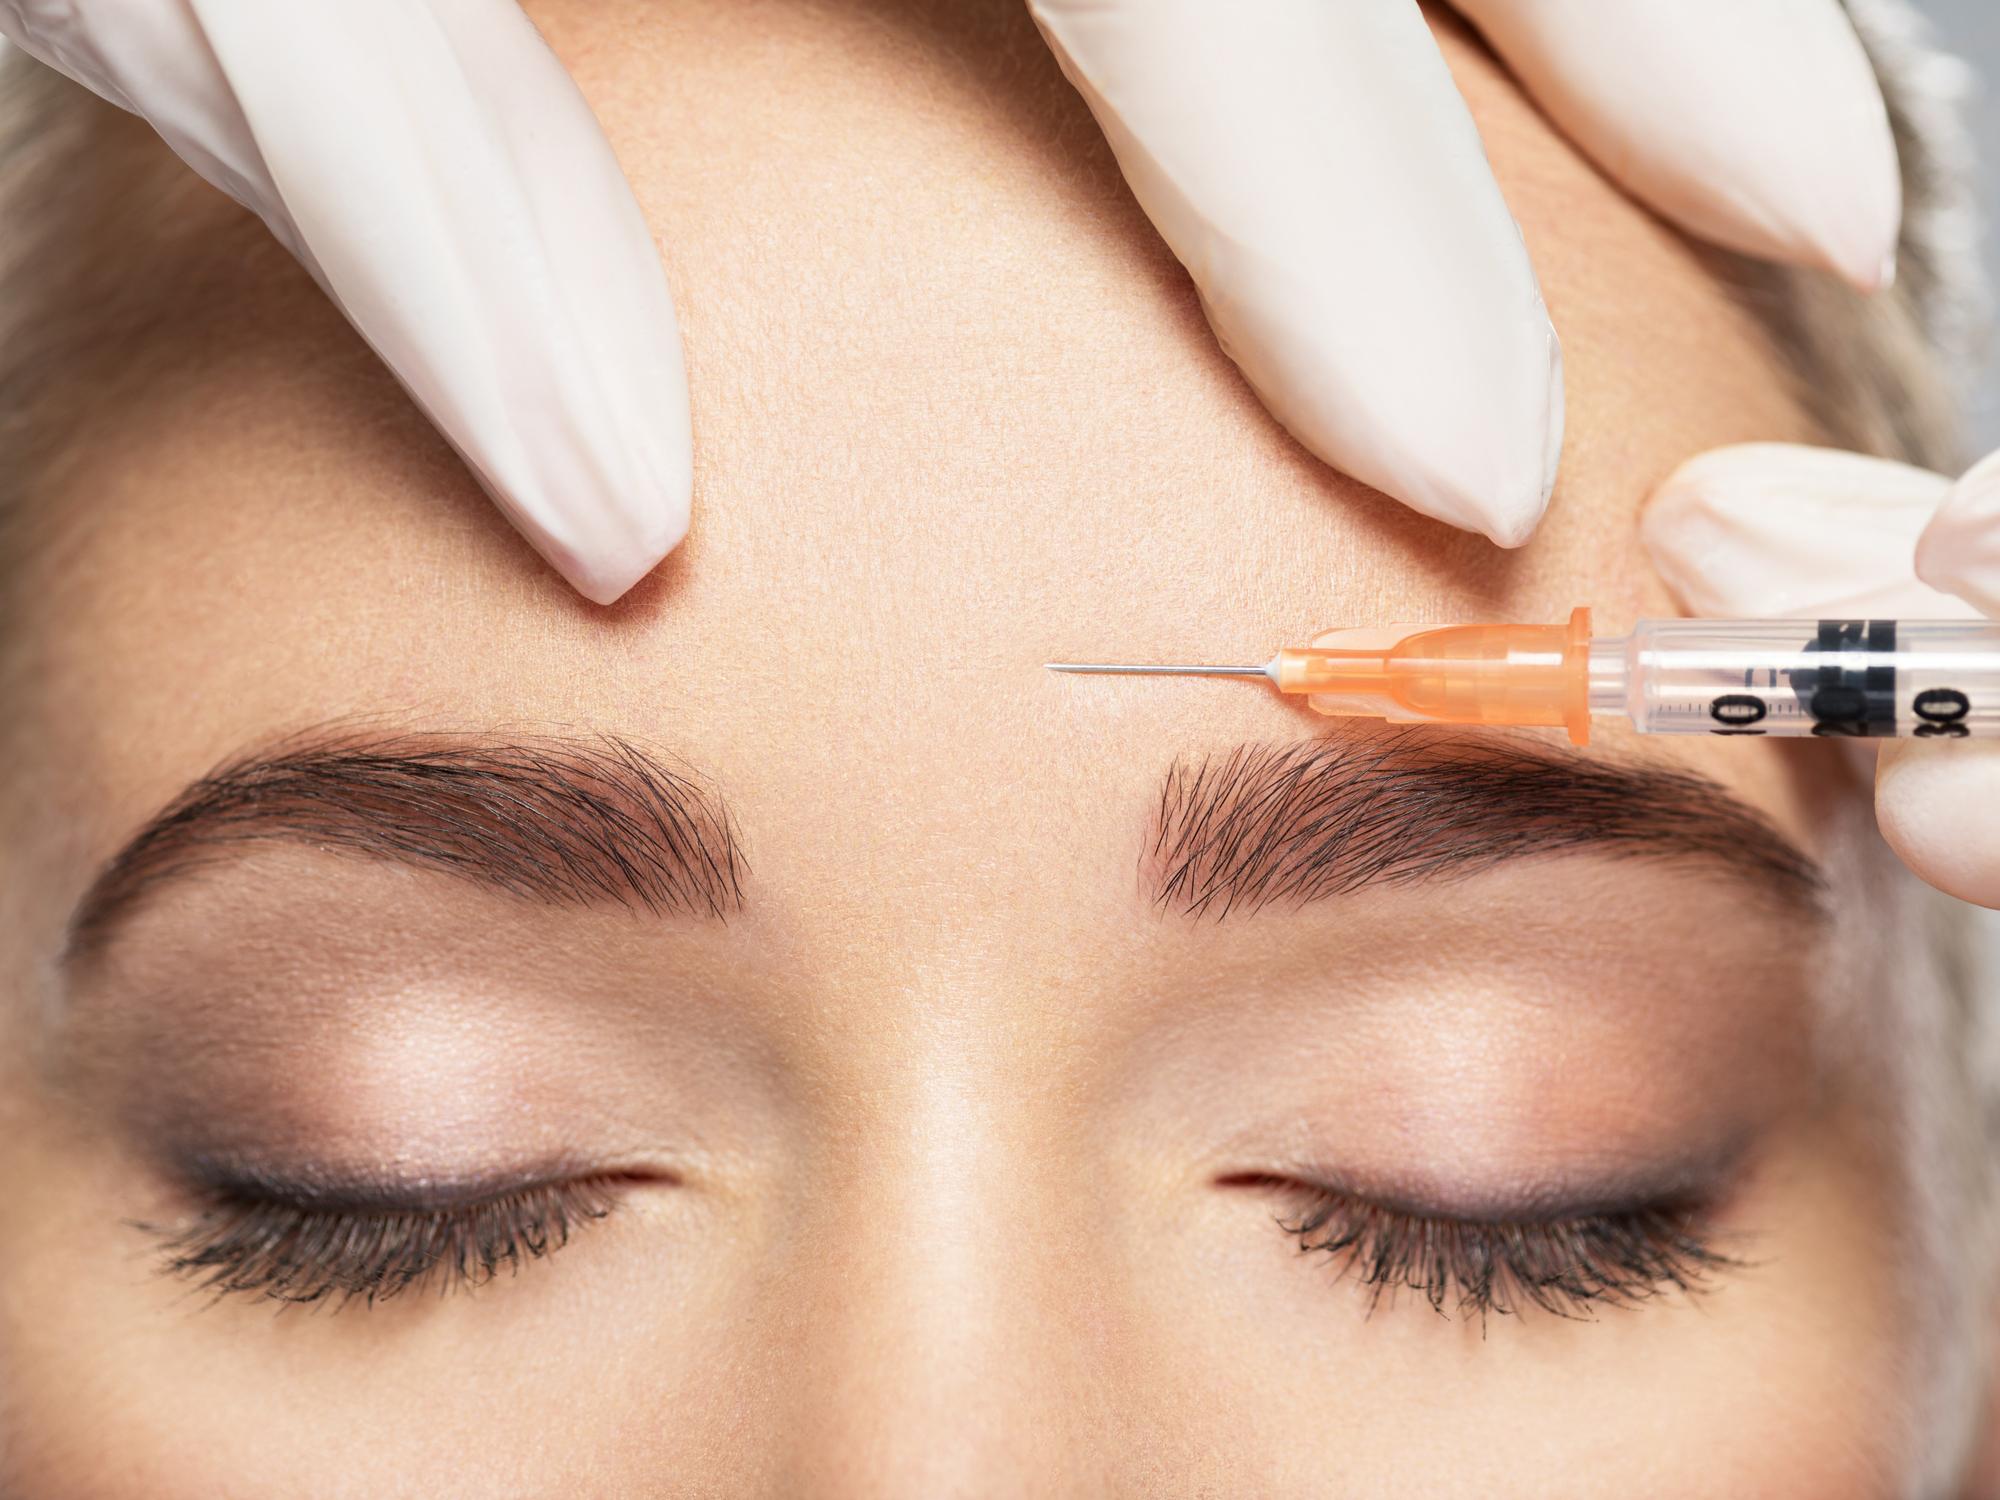 Mezoterapija ima trostruki učinak jer se višestrukim ubodima igle ostvaruje mehanička stimulacija kože.